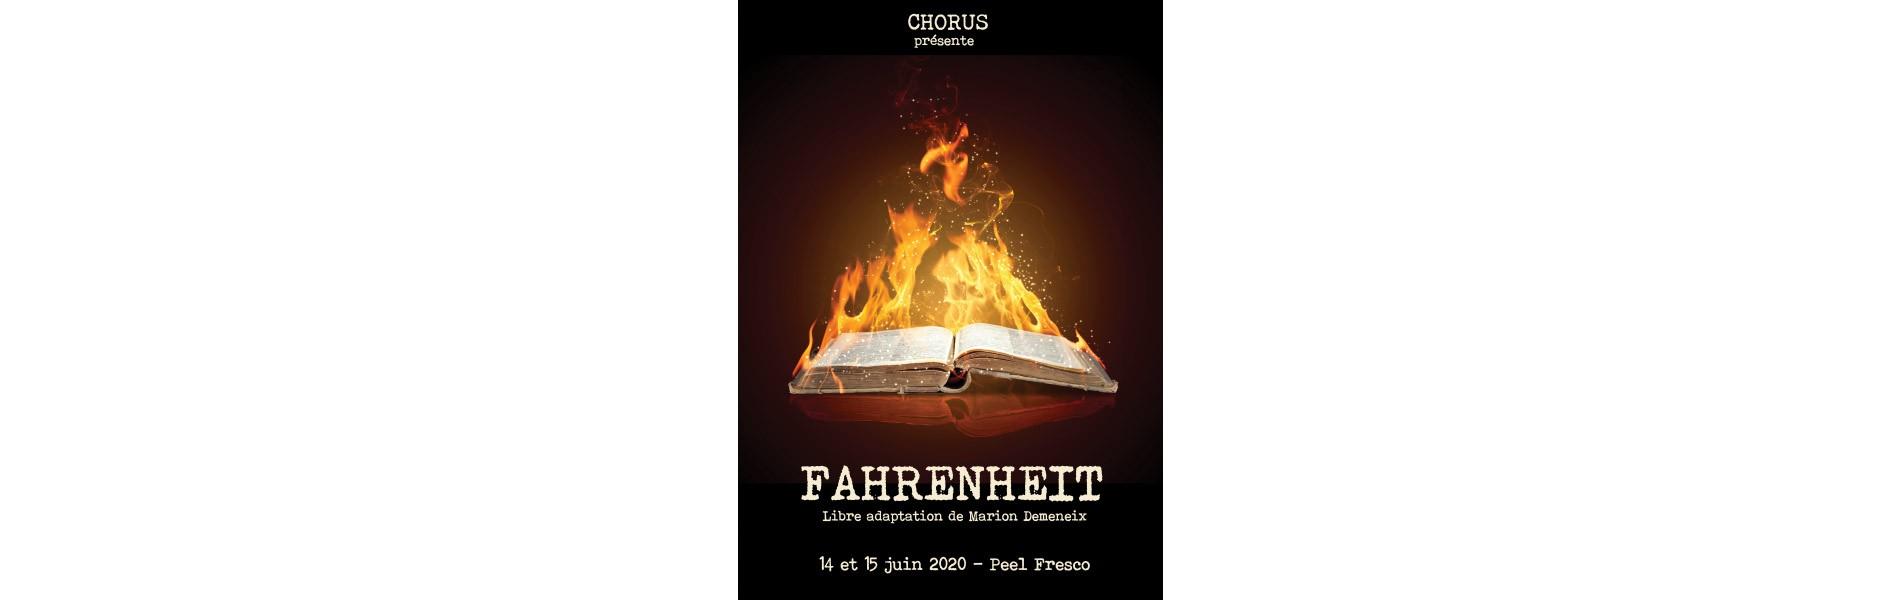 FAHRENHEIT - 14 juin 2020